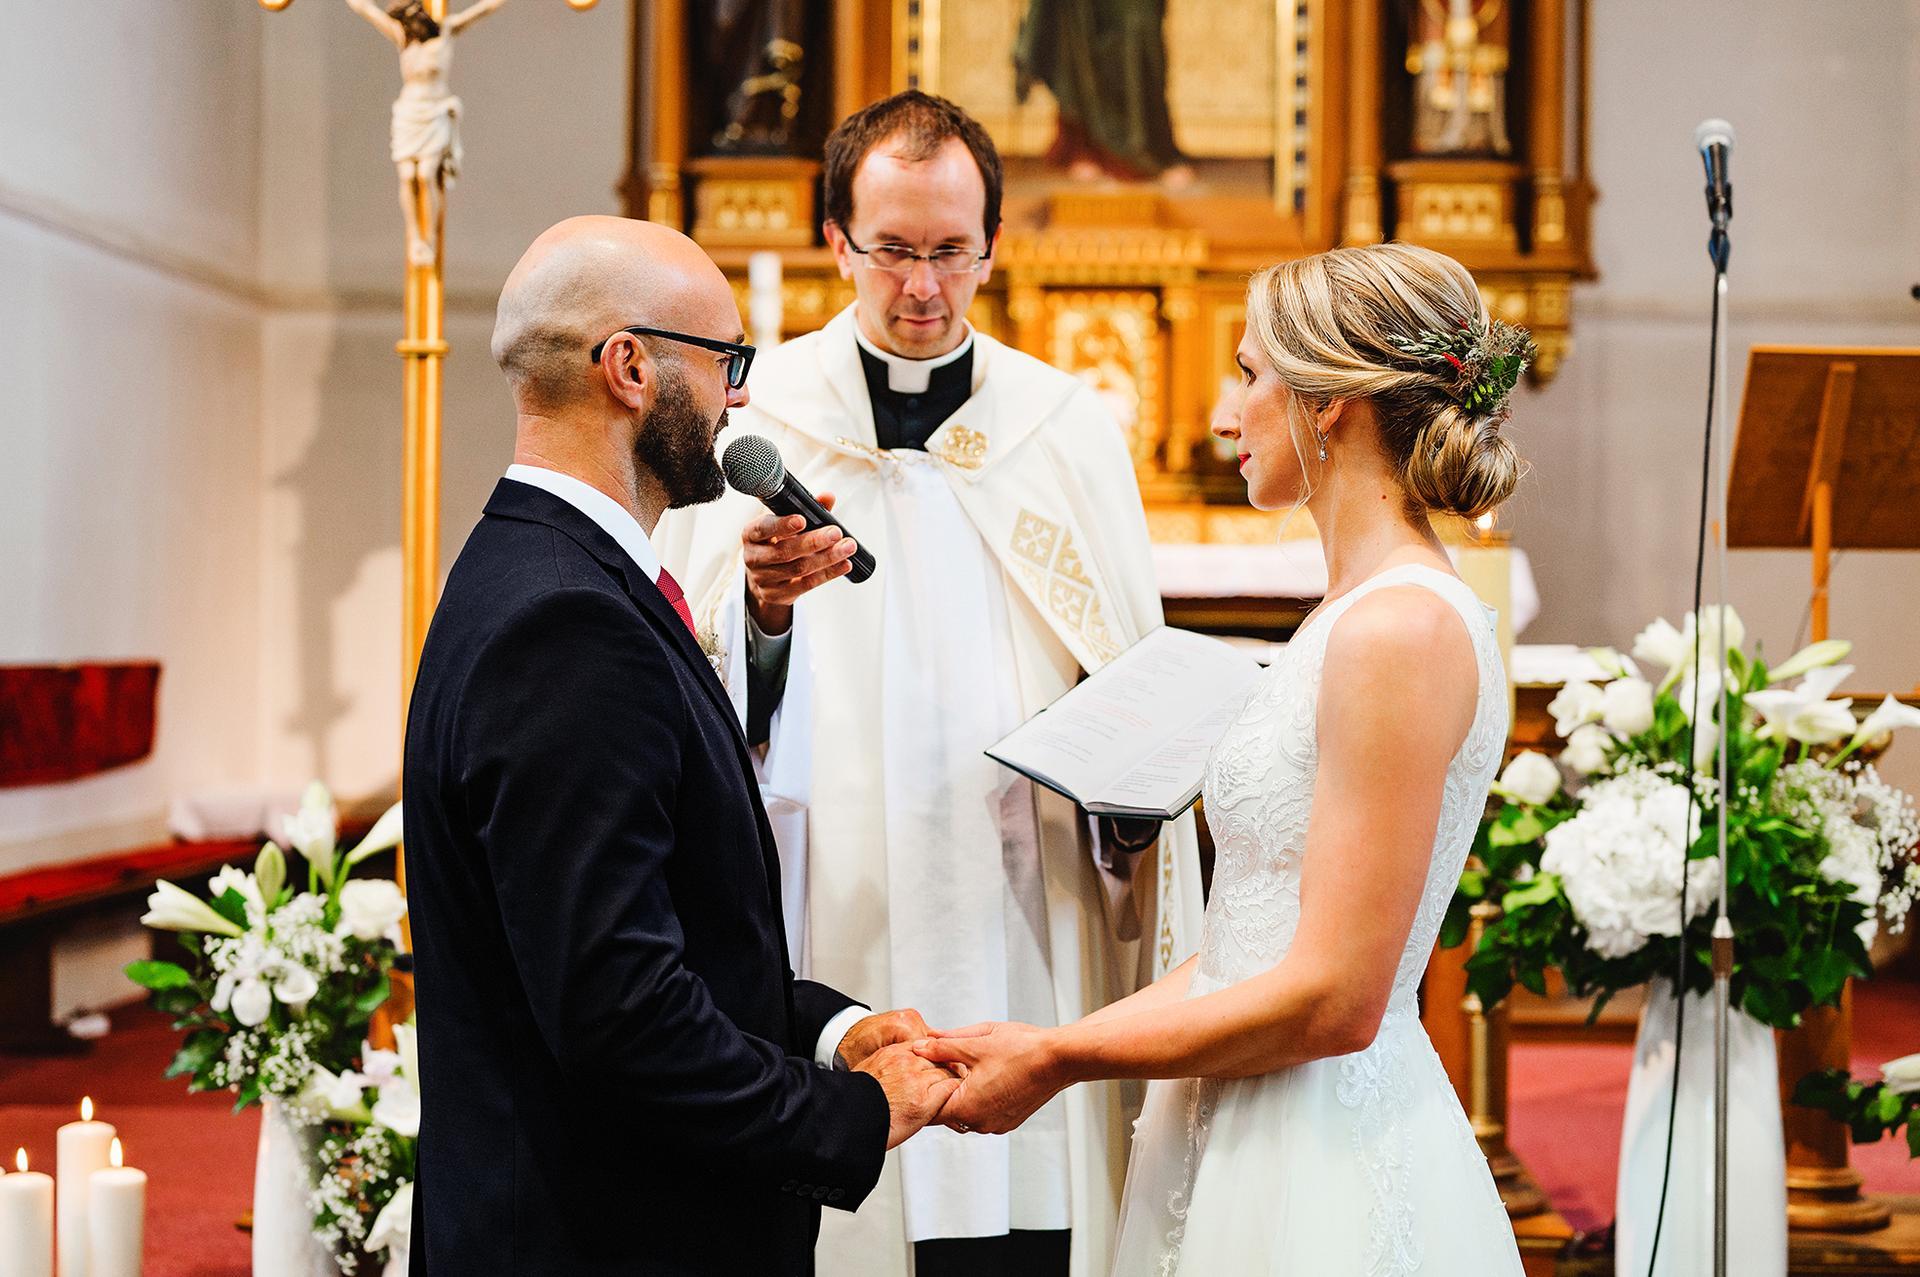 Svatba Praha 13 - Obrázek č. 4